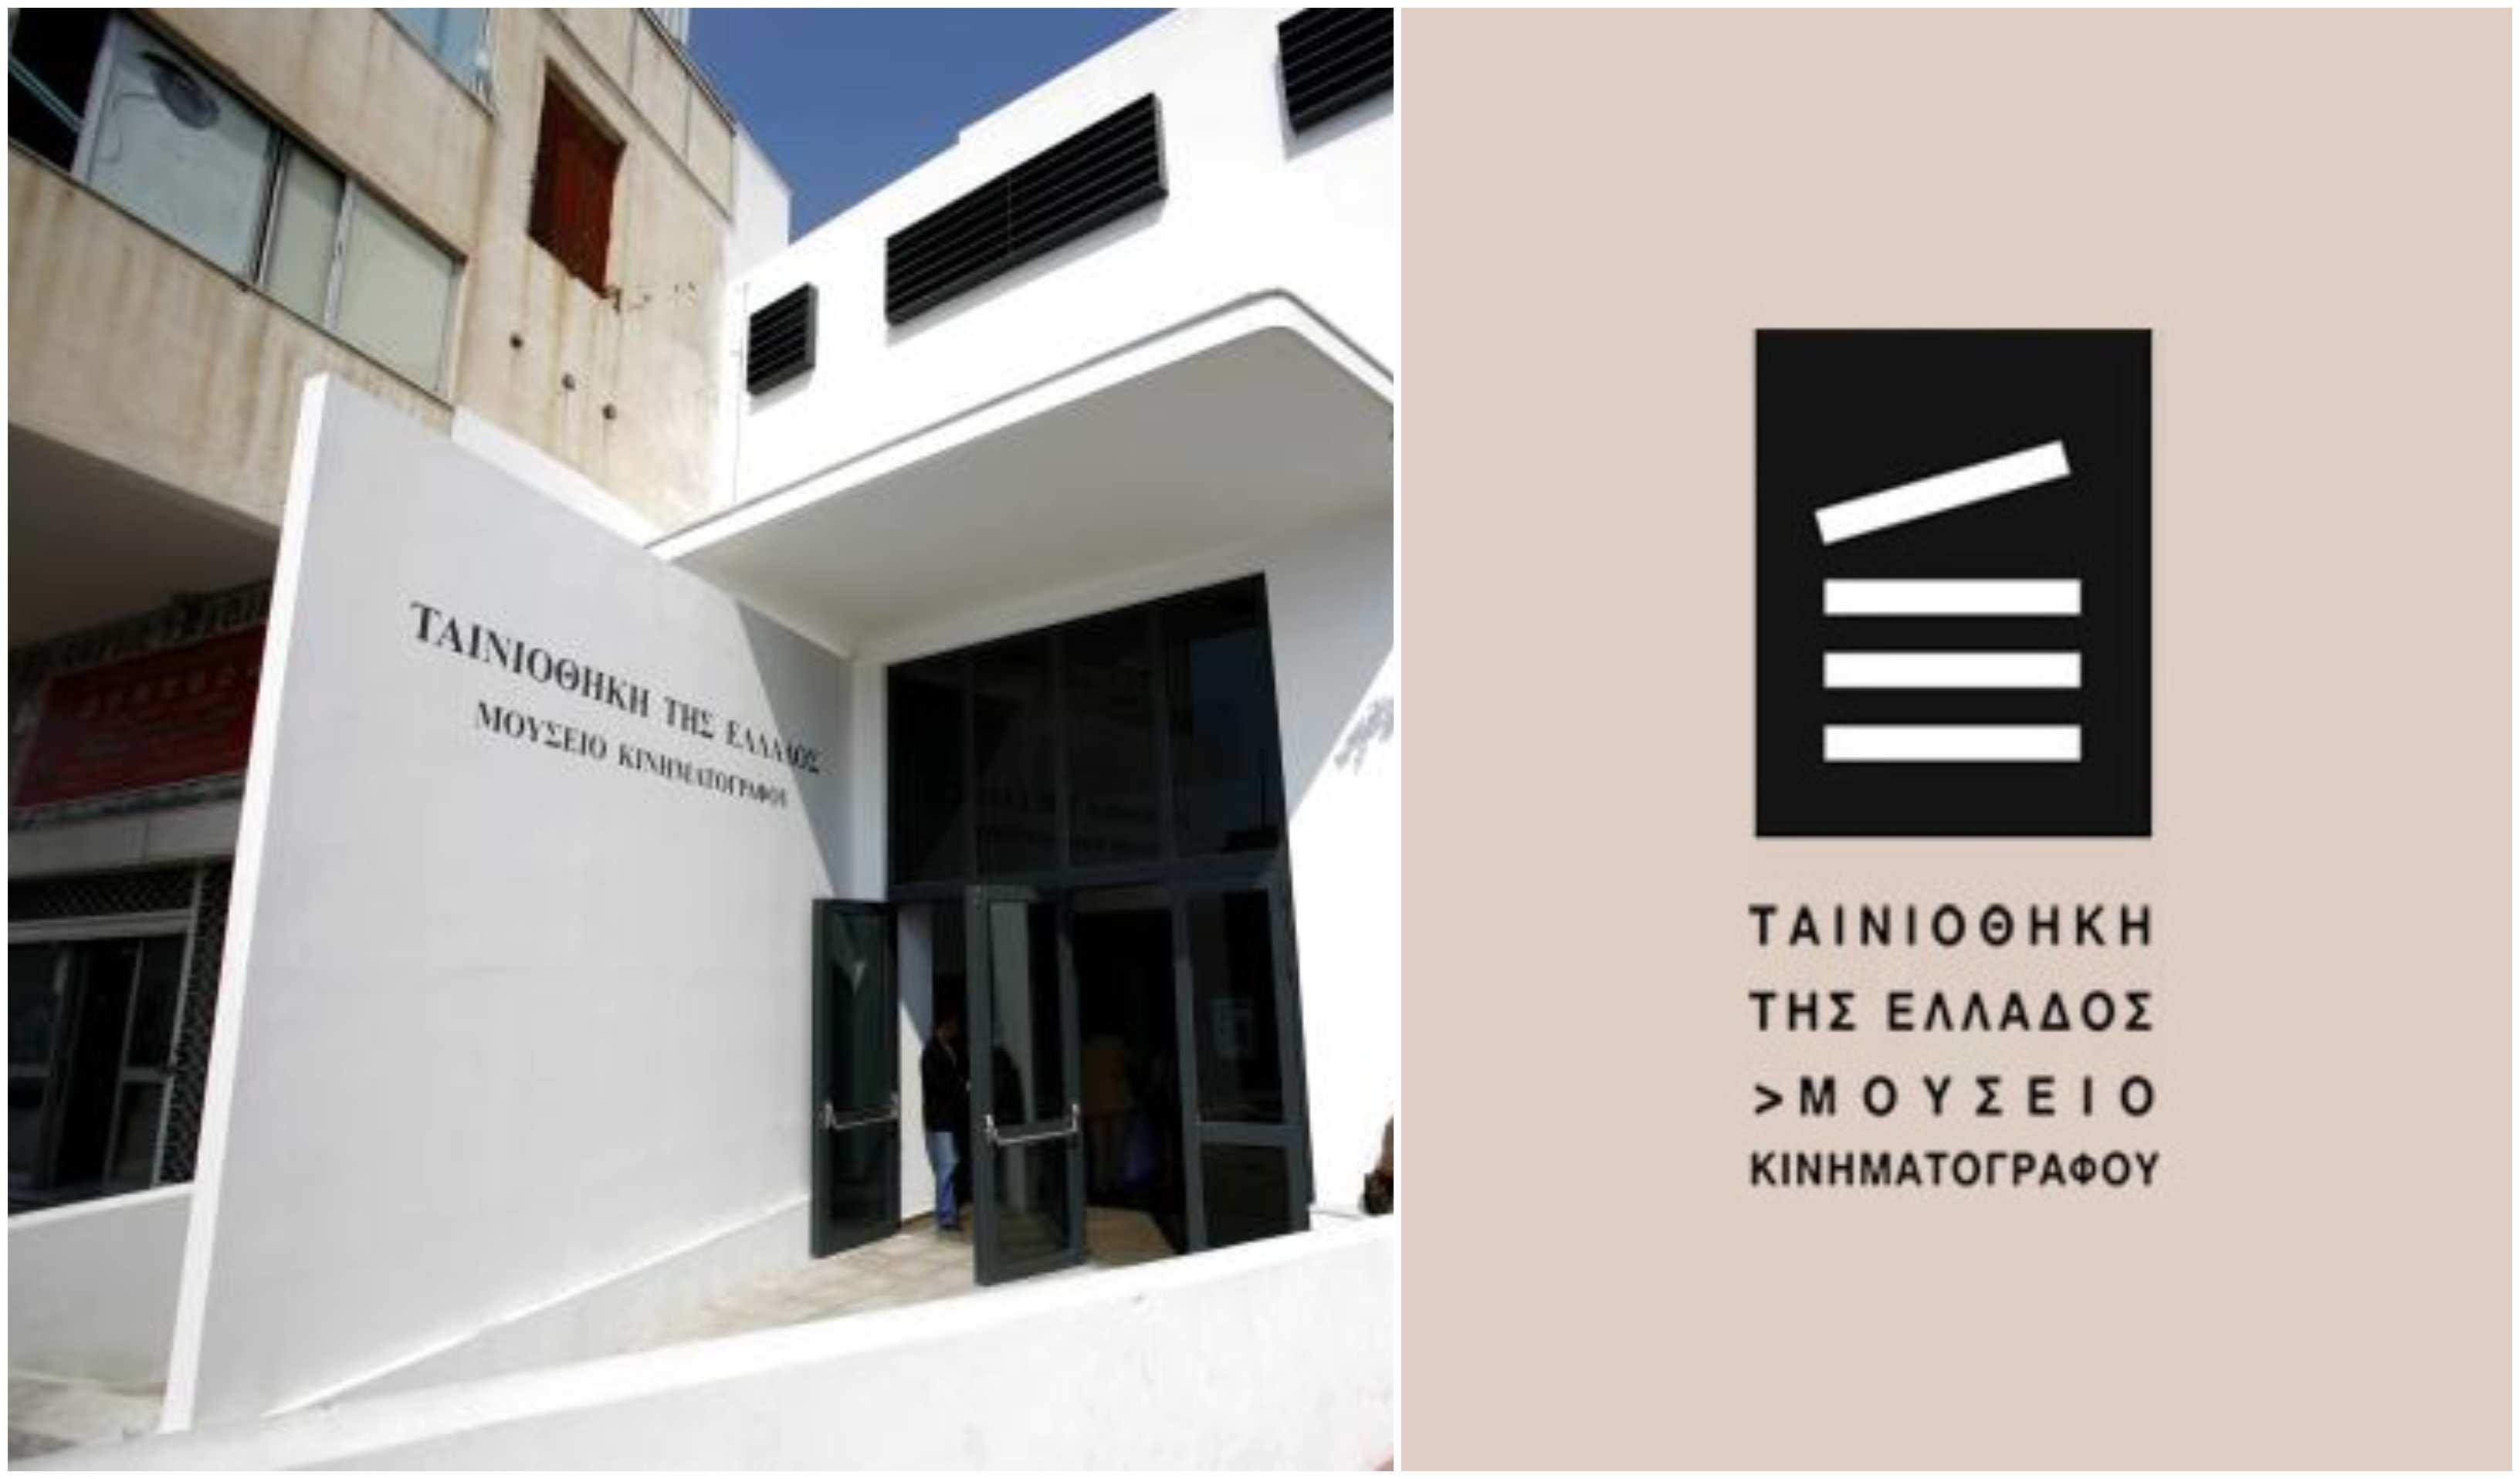 Ταινιοθήκη της Ελλάδος